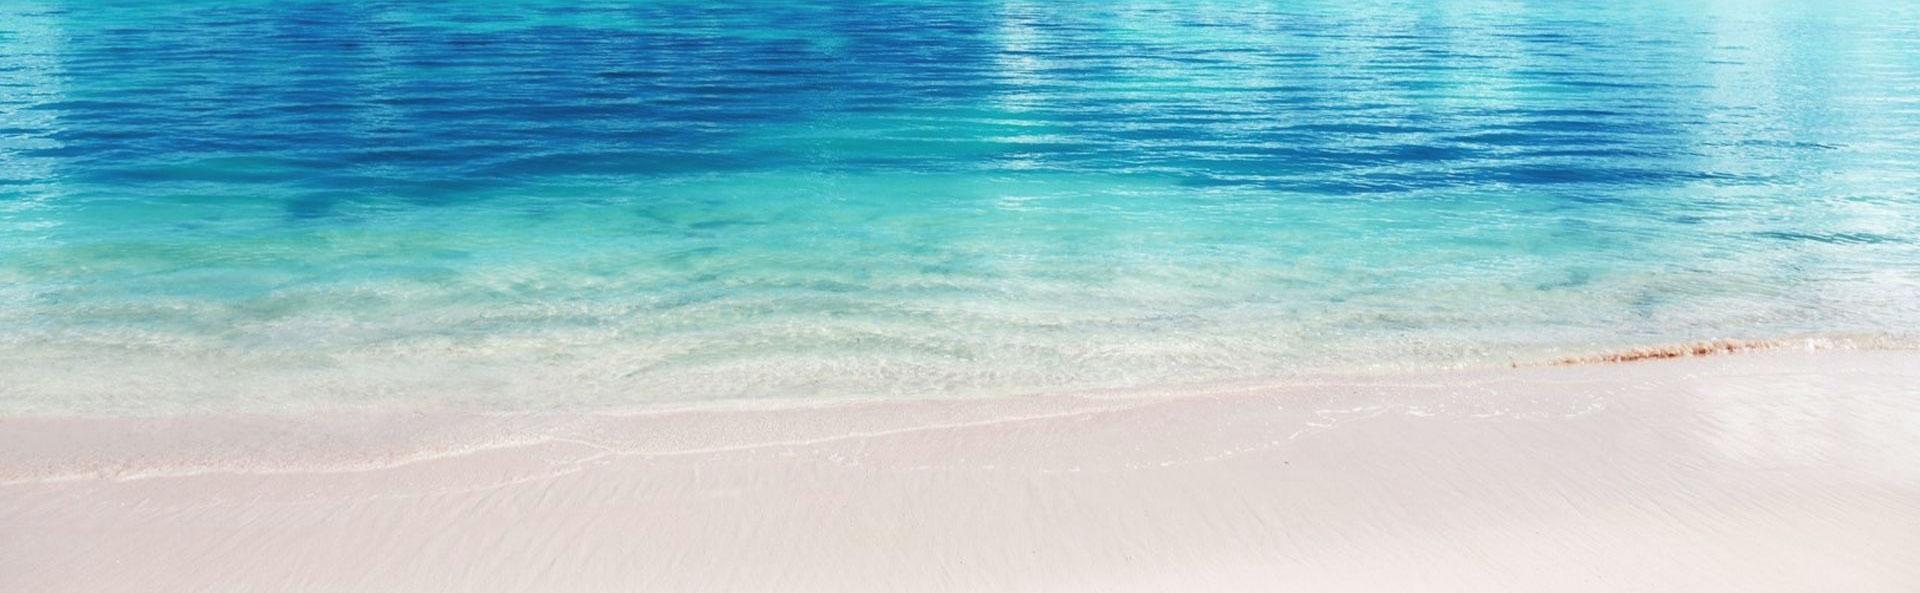 mare adriatico troppo turchese